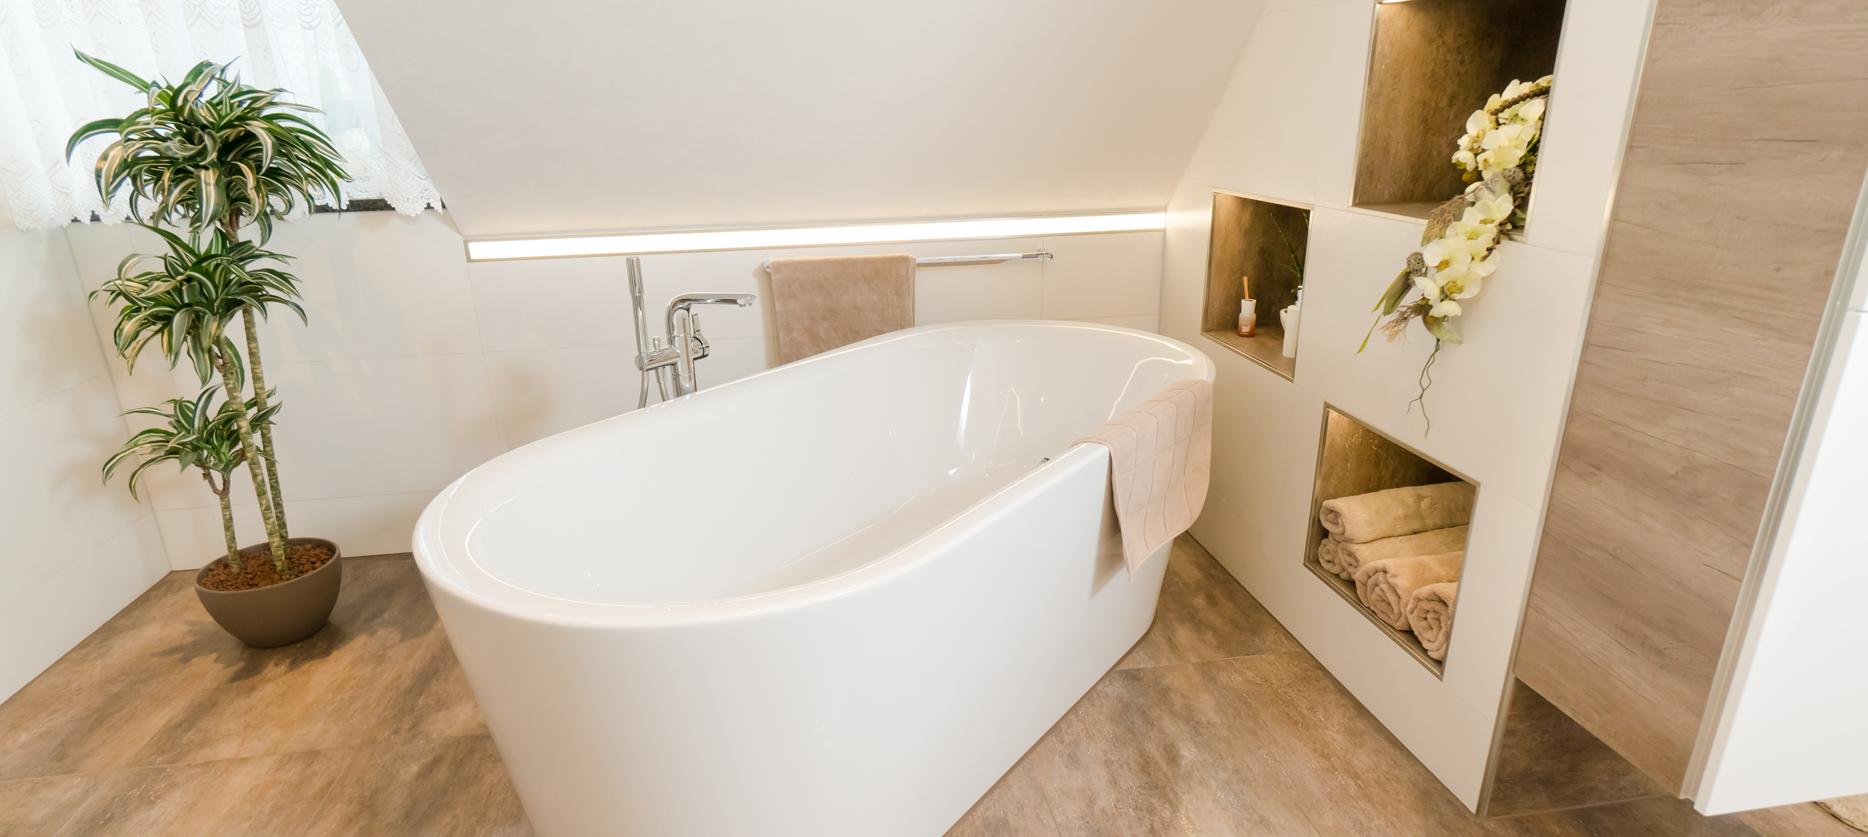 Freistehende Badewanne mit in die Wand integrierten Ablageflächen und Pflanzen